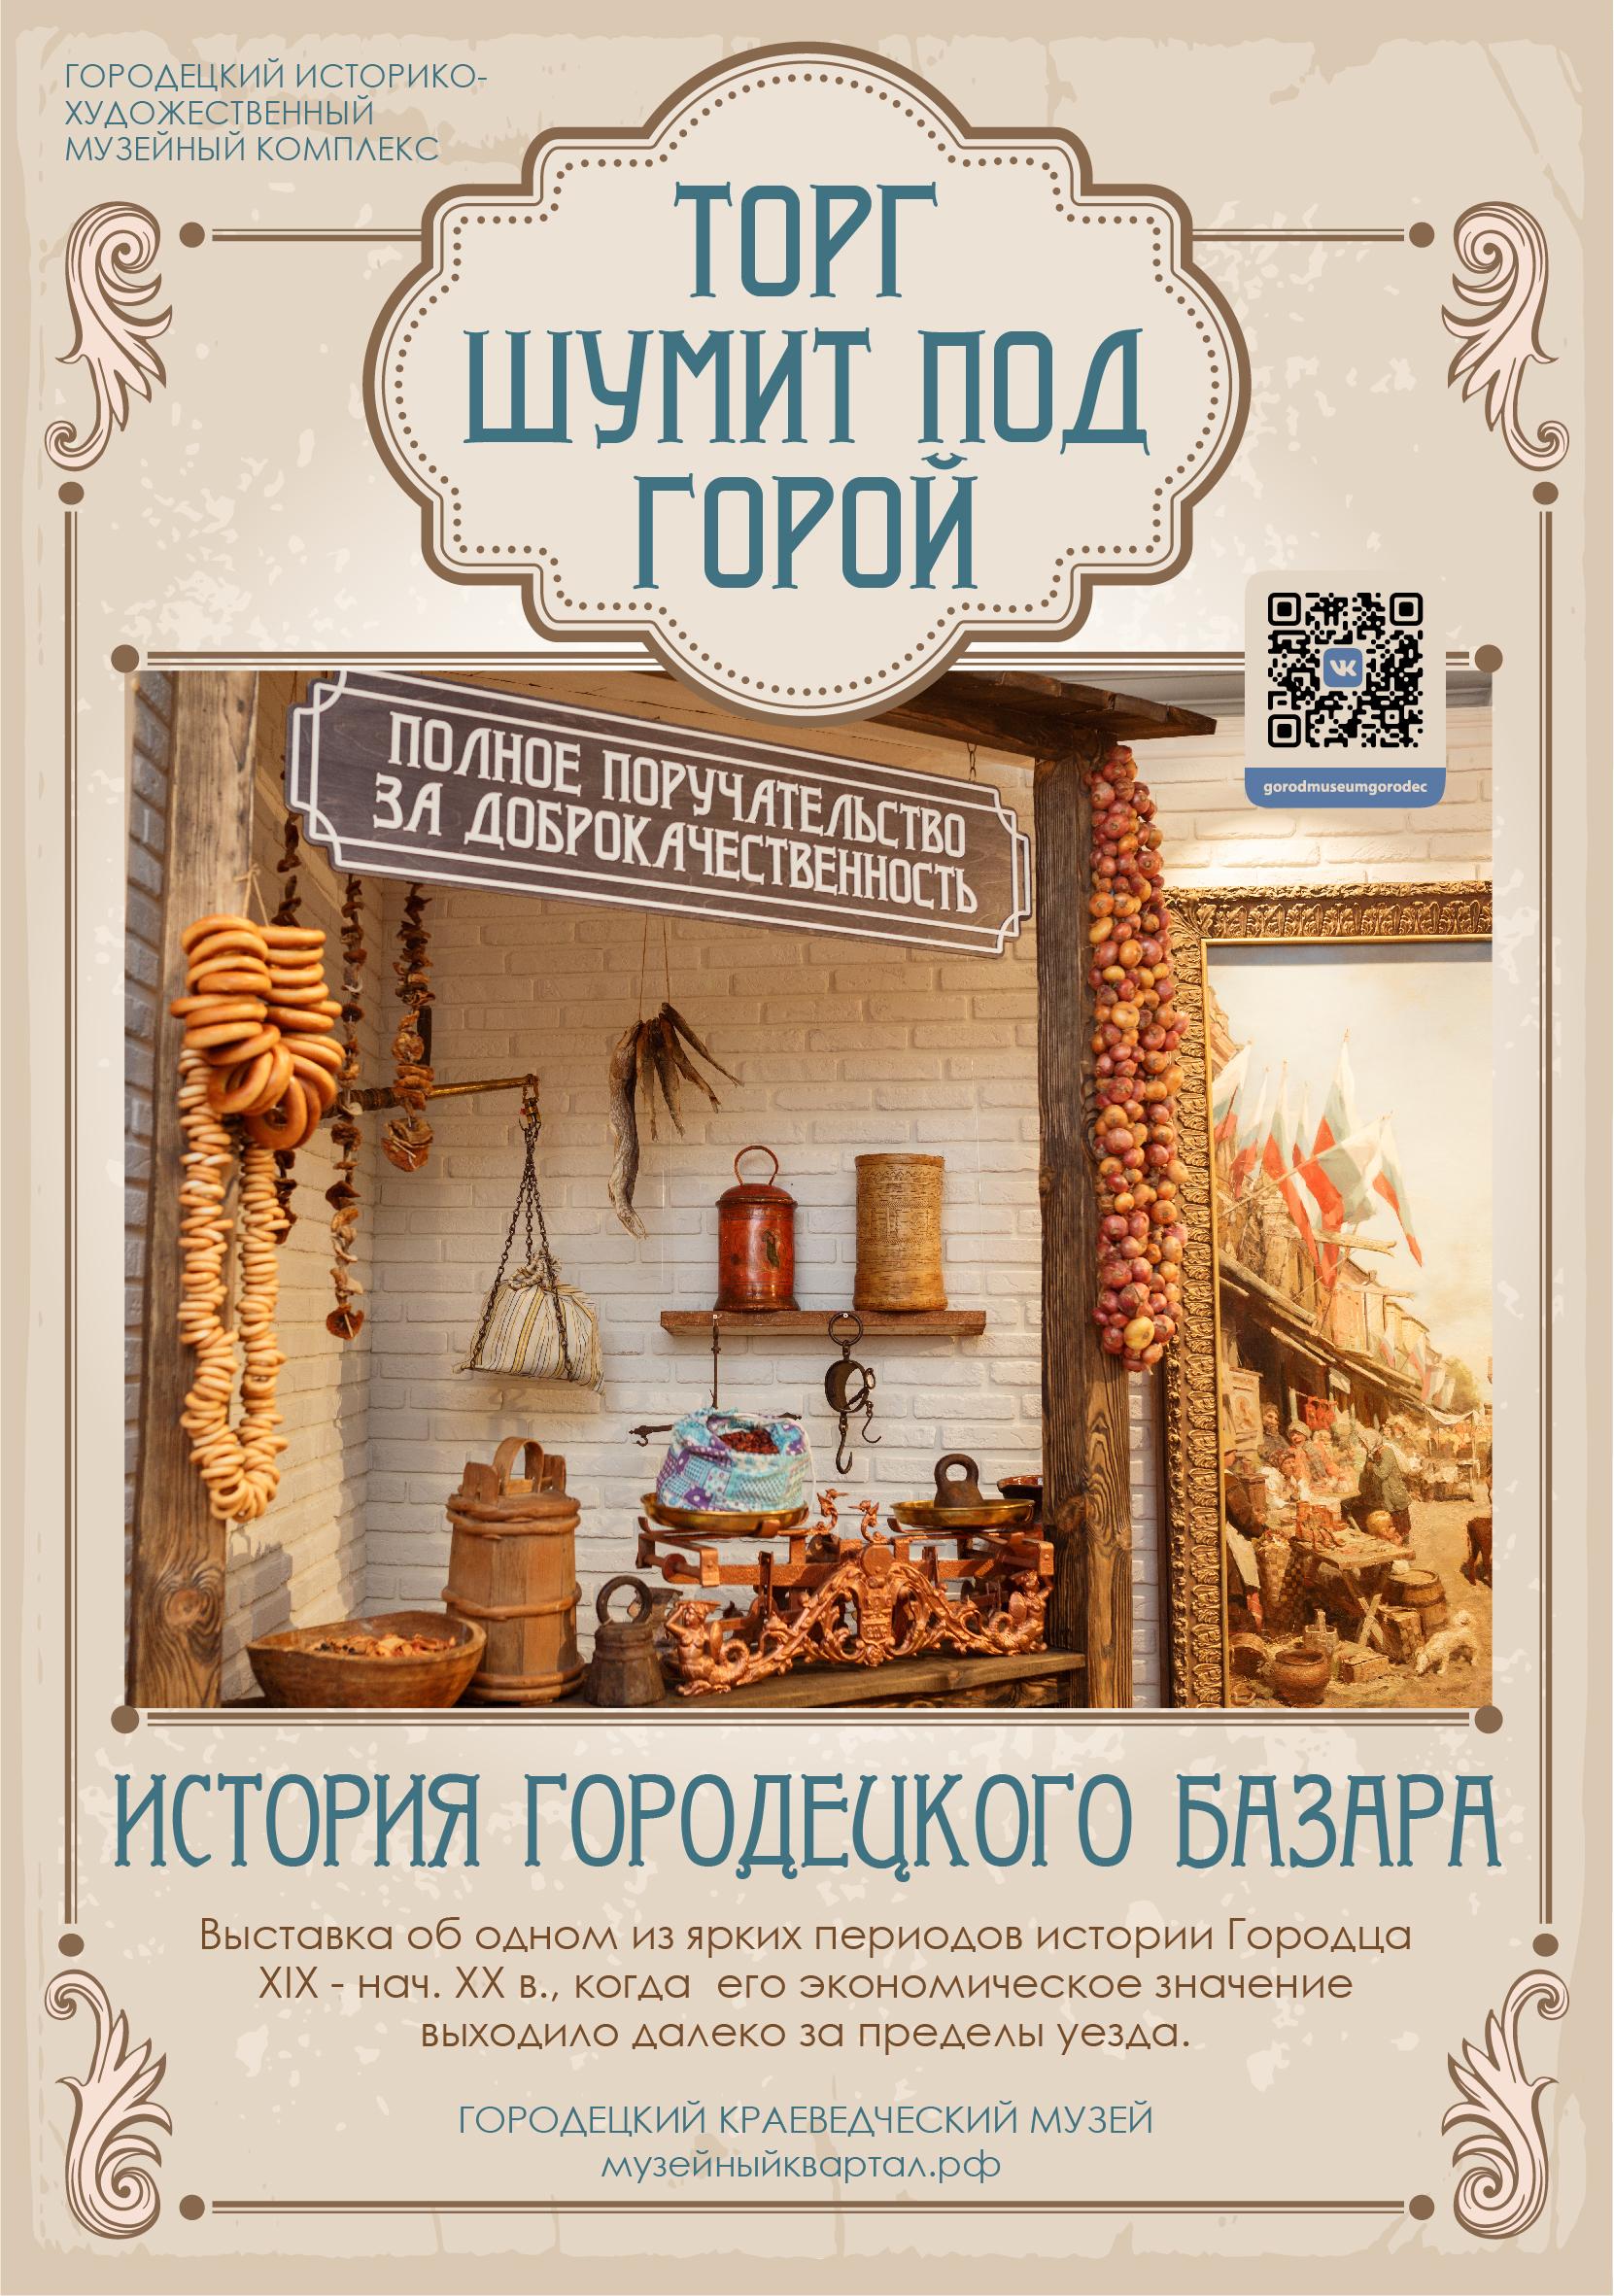 Реклама базара-01